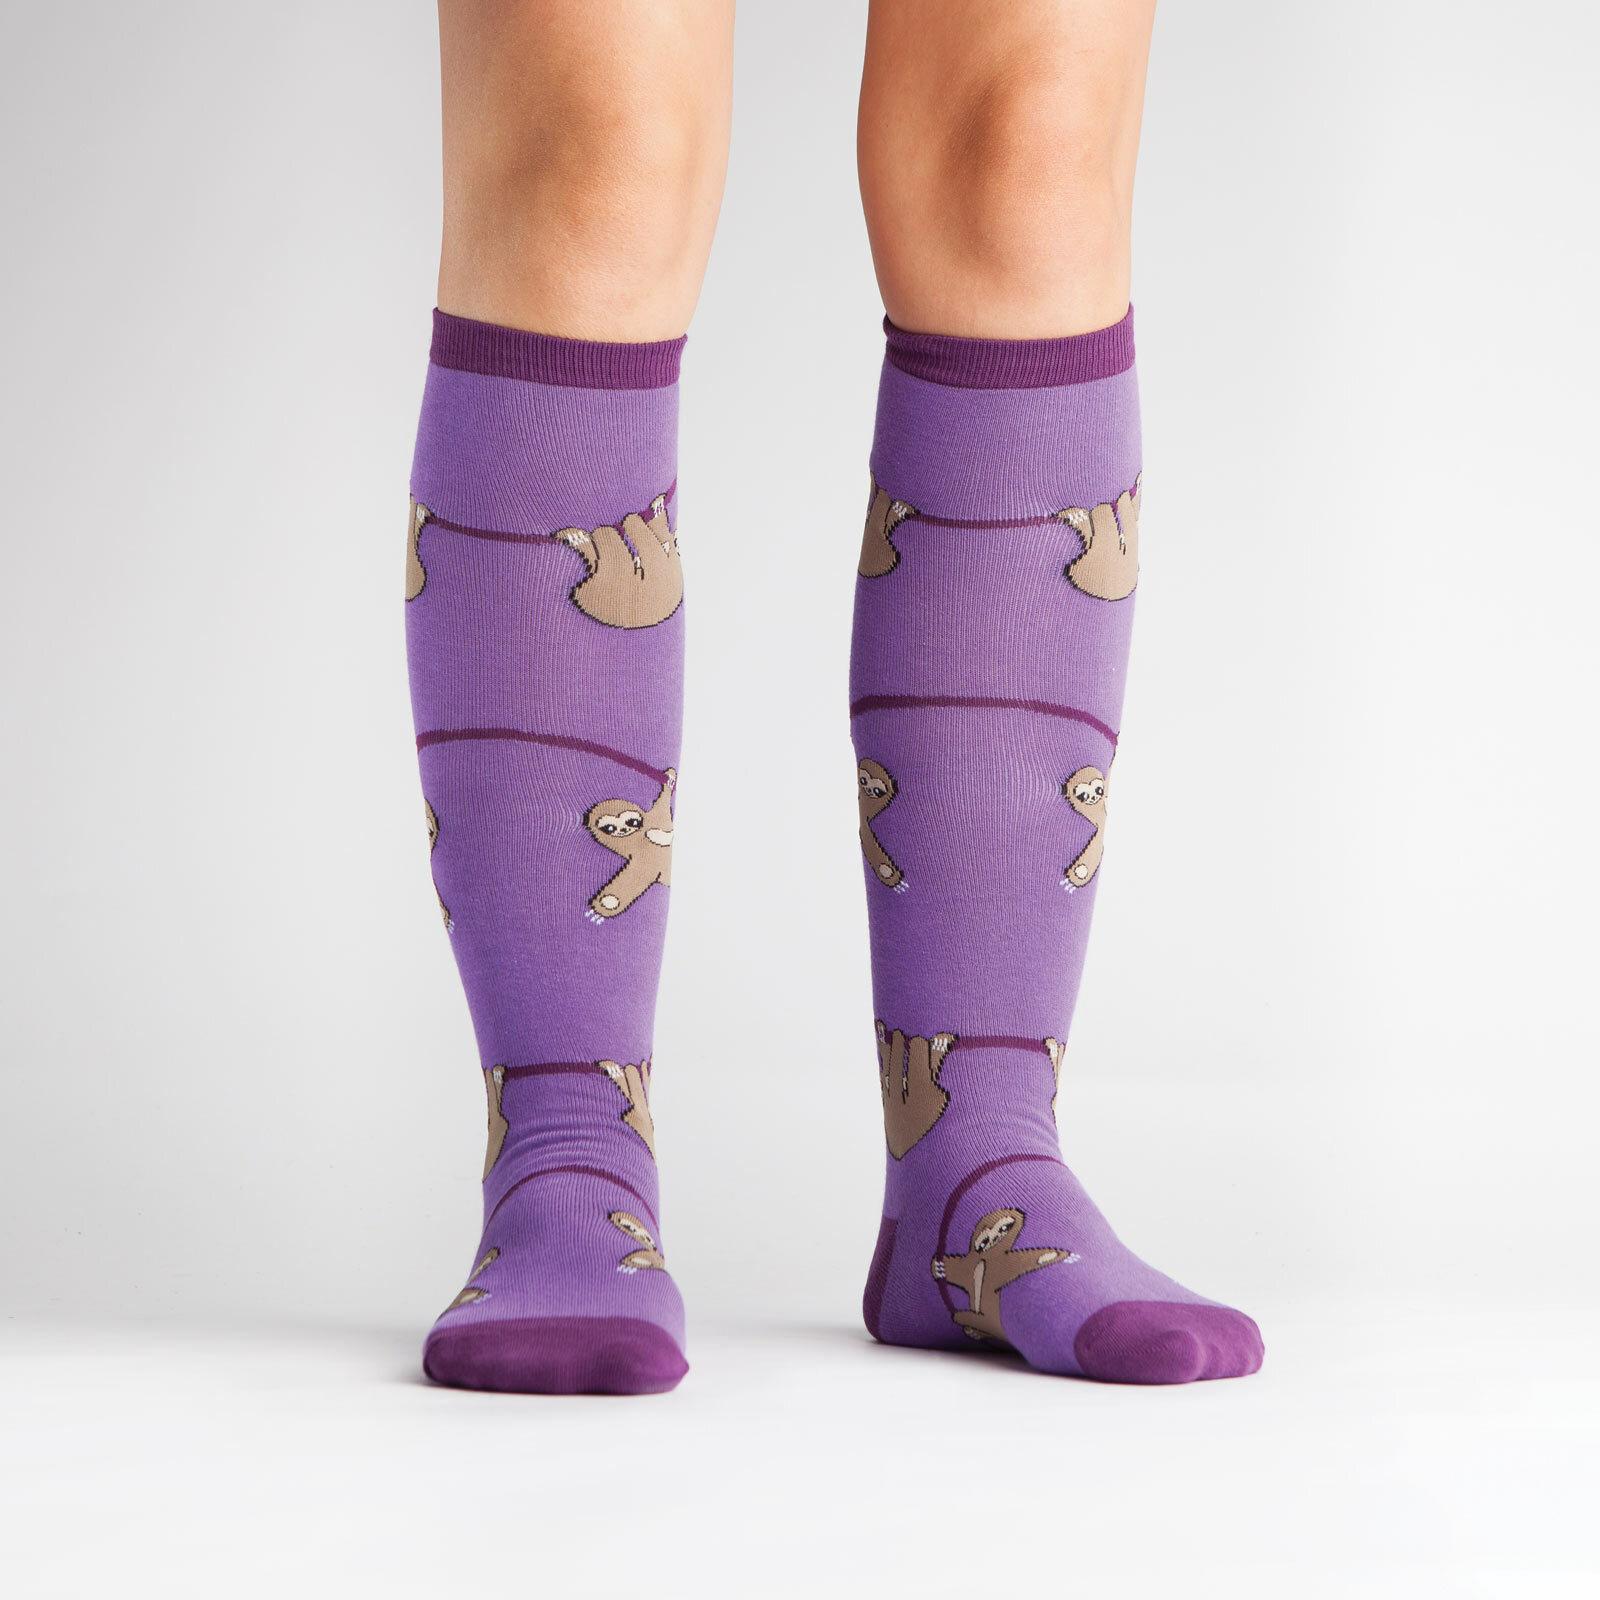 model wearing Sloth Knee High Socks Purple - Women's